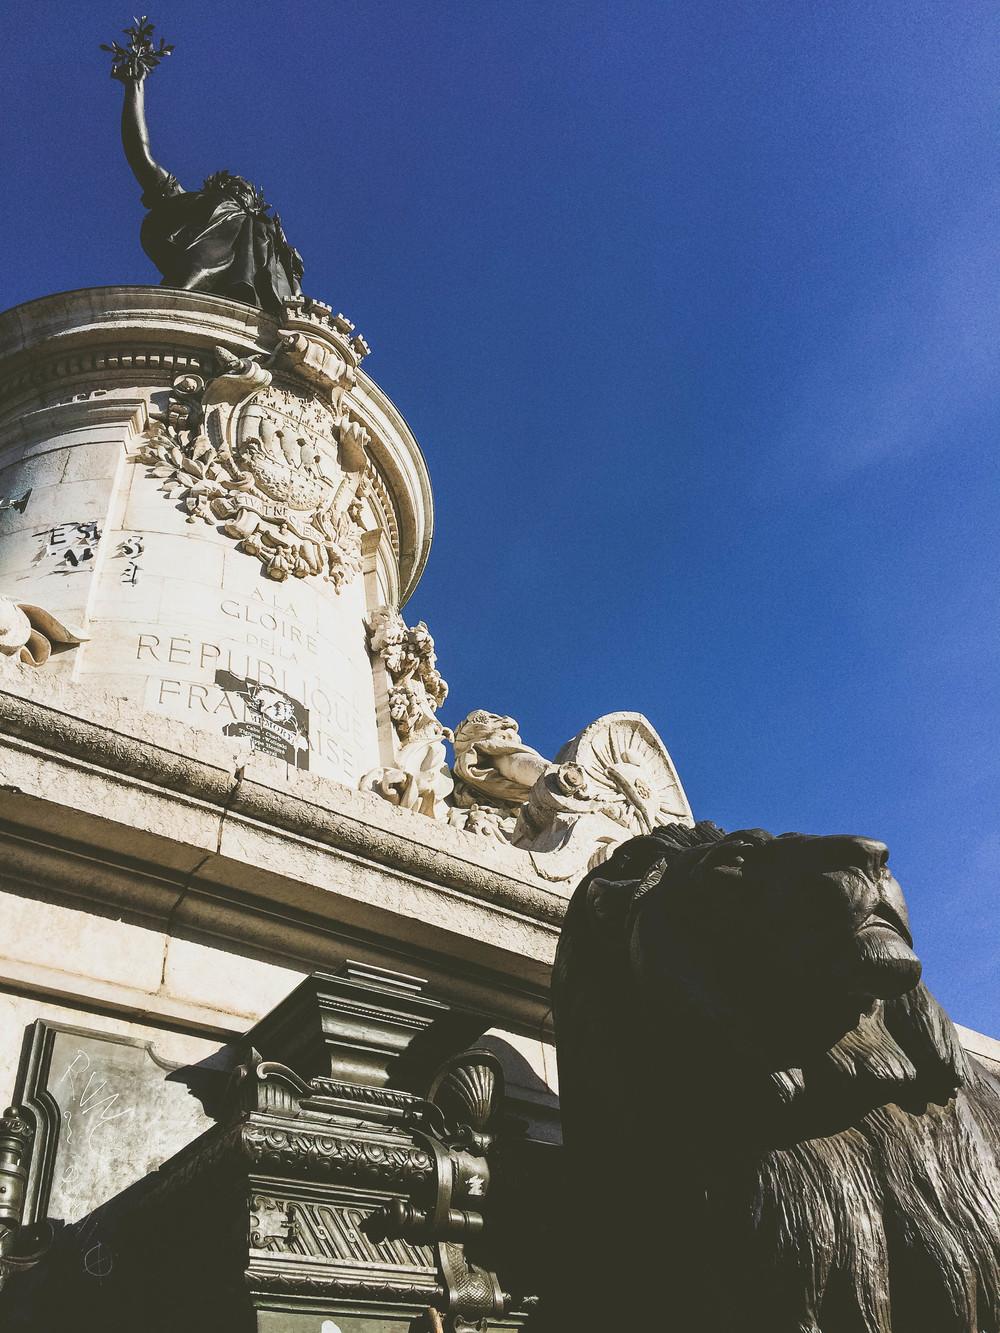 Place de la Republique statue